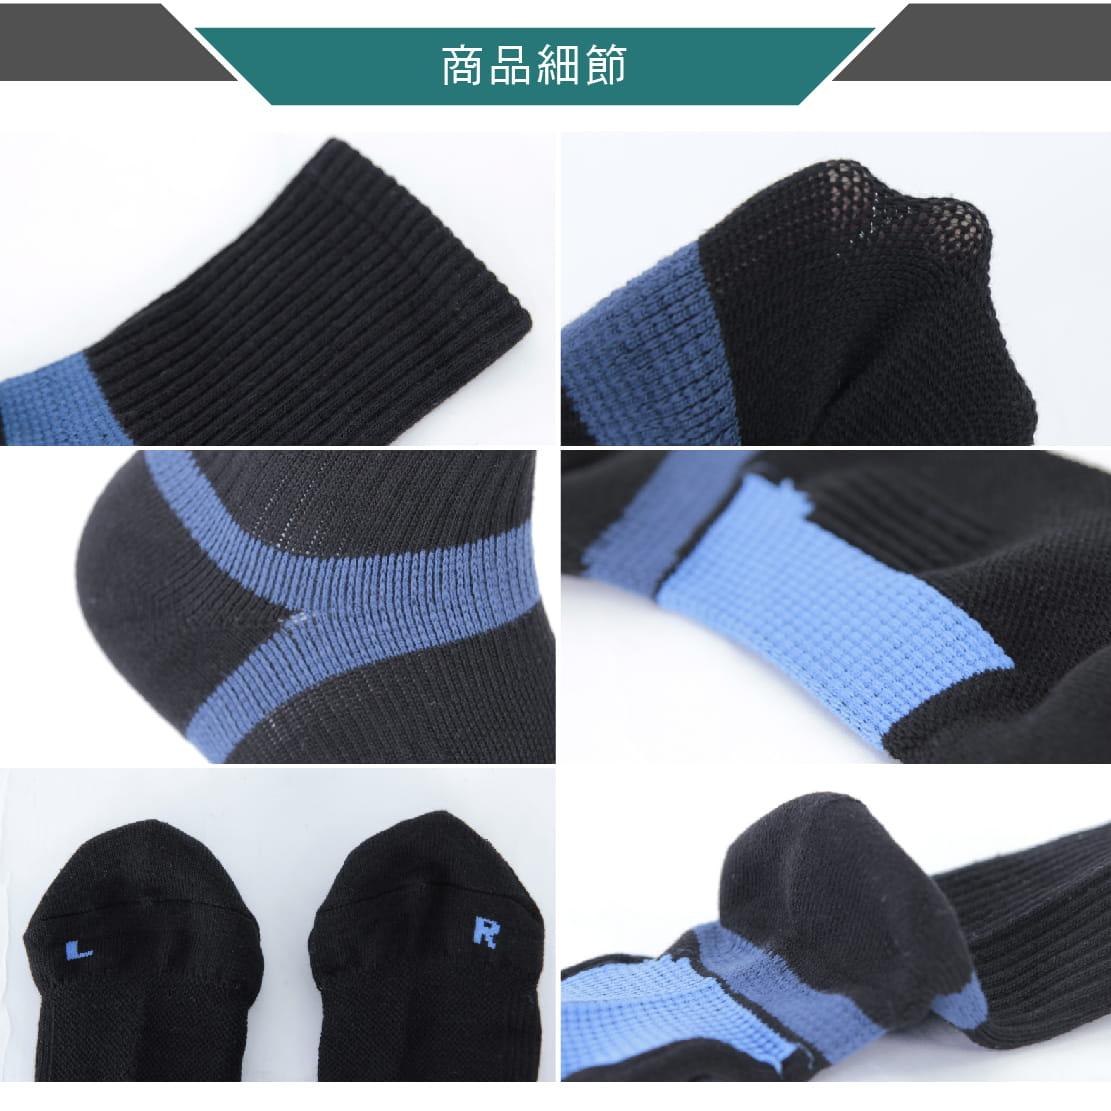 【FAV】足弓機能運動襪 6